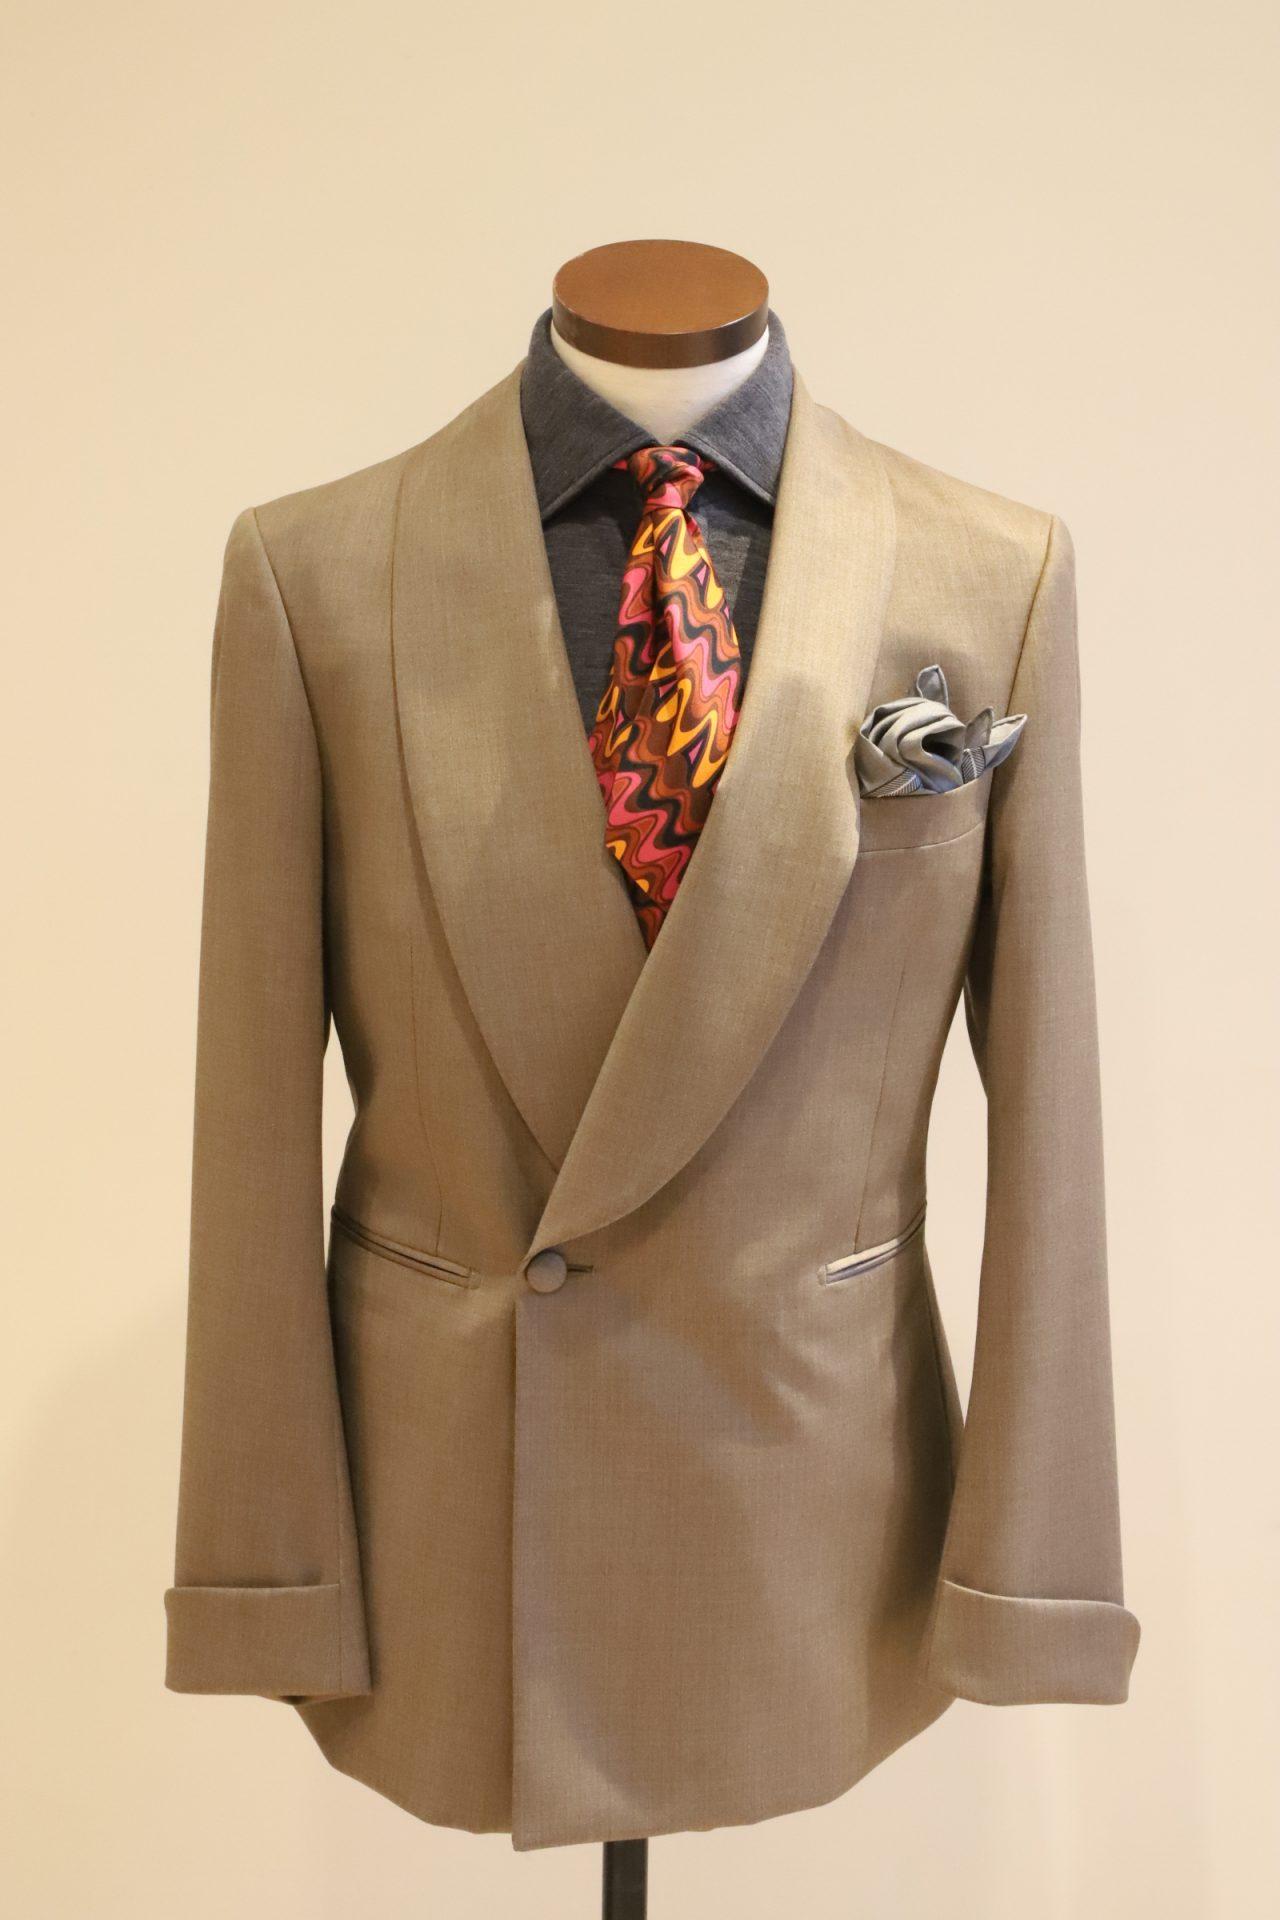 ベージュのタキシードと、濃いグレーシャツを合わせペールトーンで優しい雰囲気に。